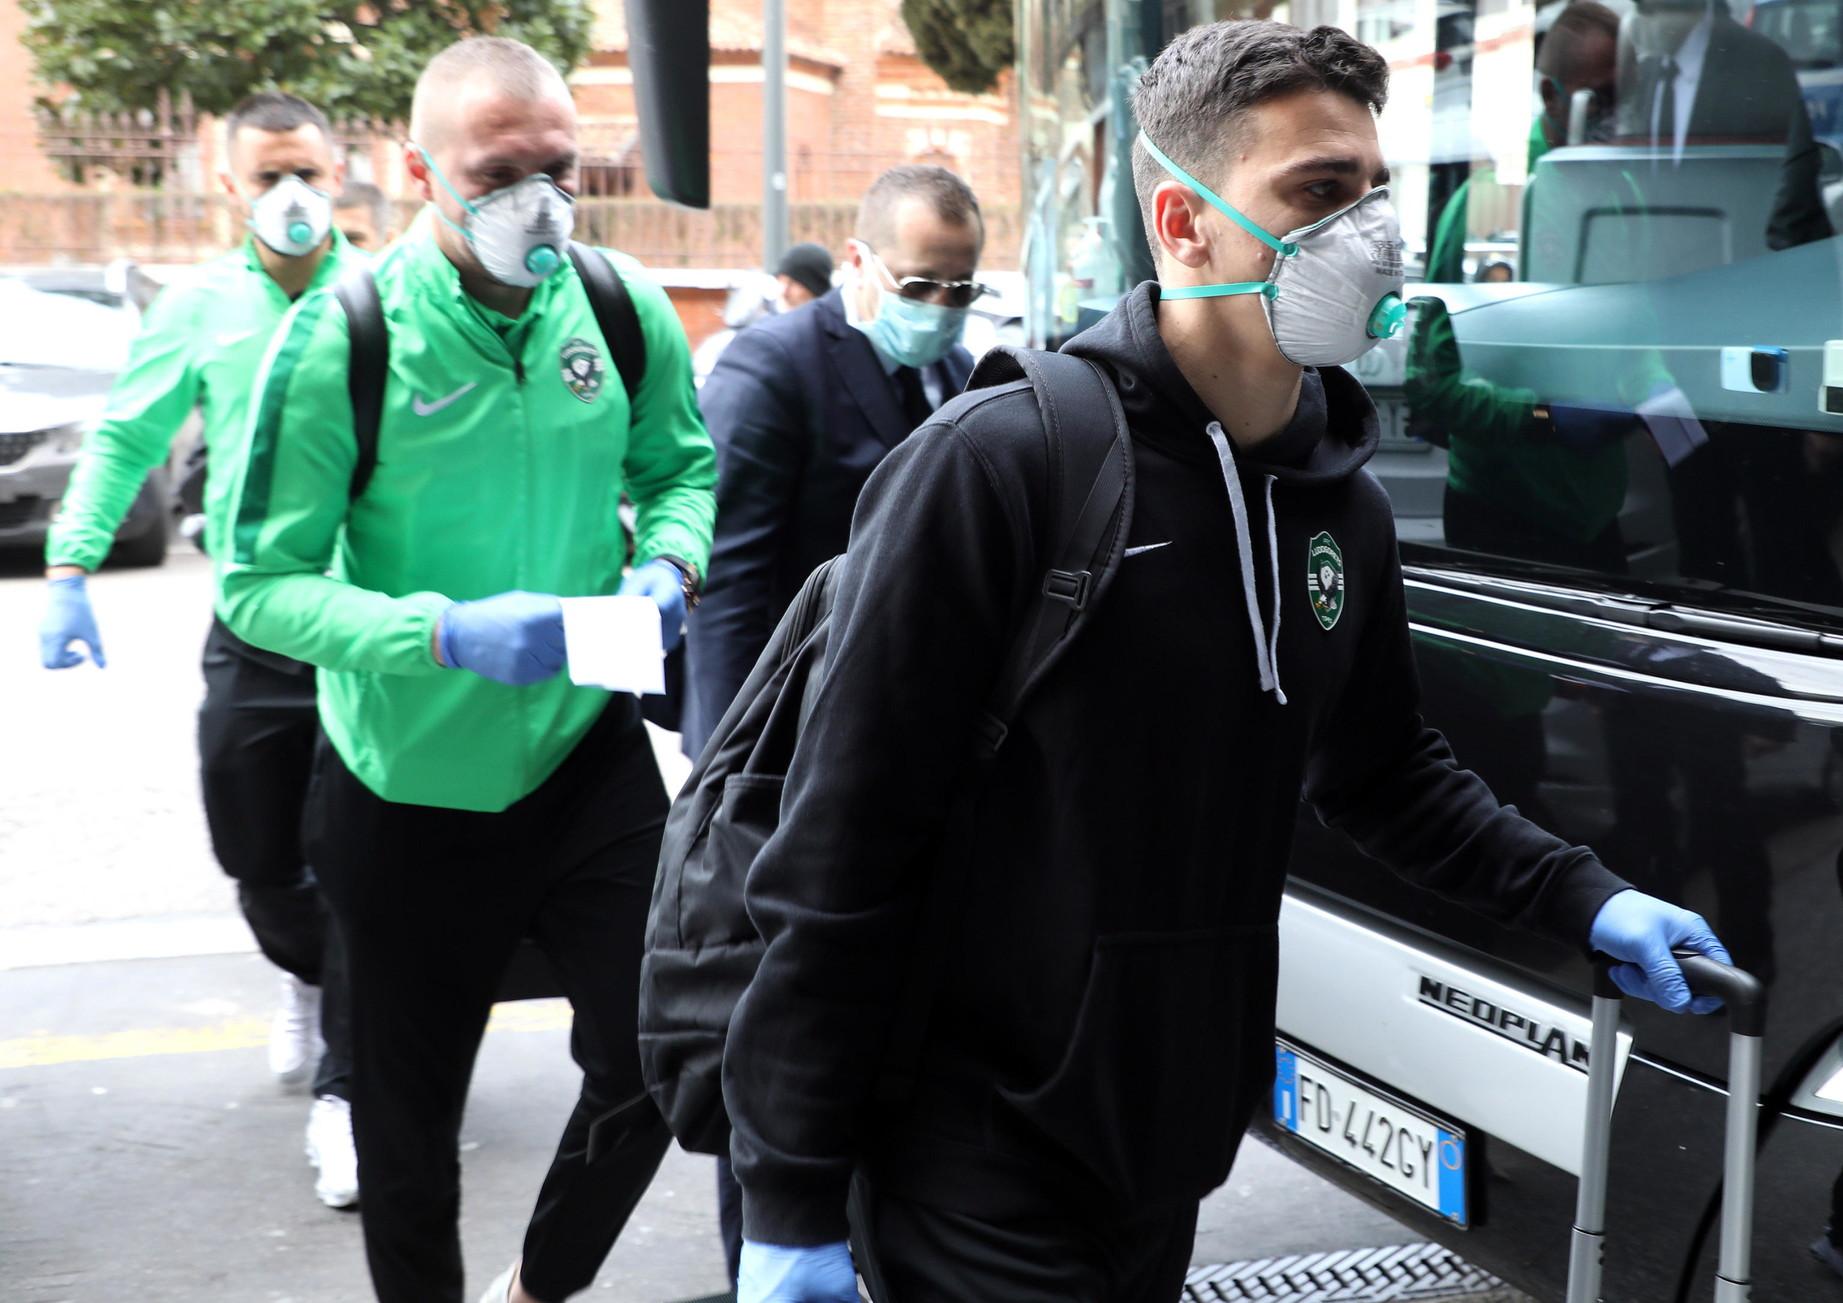 Mascherine a protezione del viso e guanti alle mani: sono scesi cosìdal pullman i giocatori del Ludogorets, avversario dell'Inter gio...